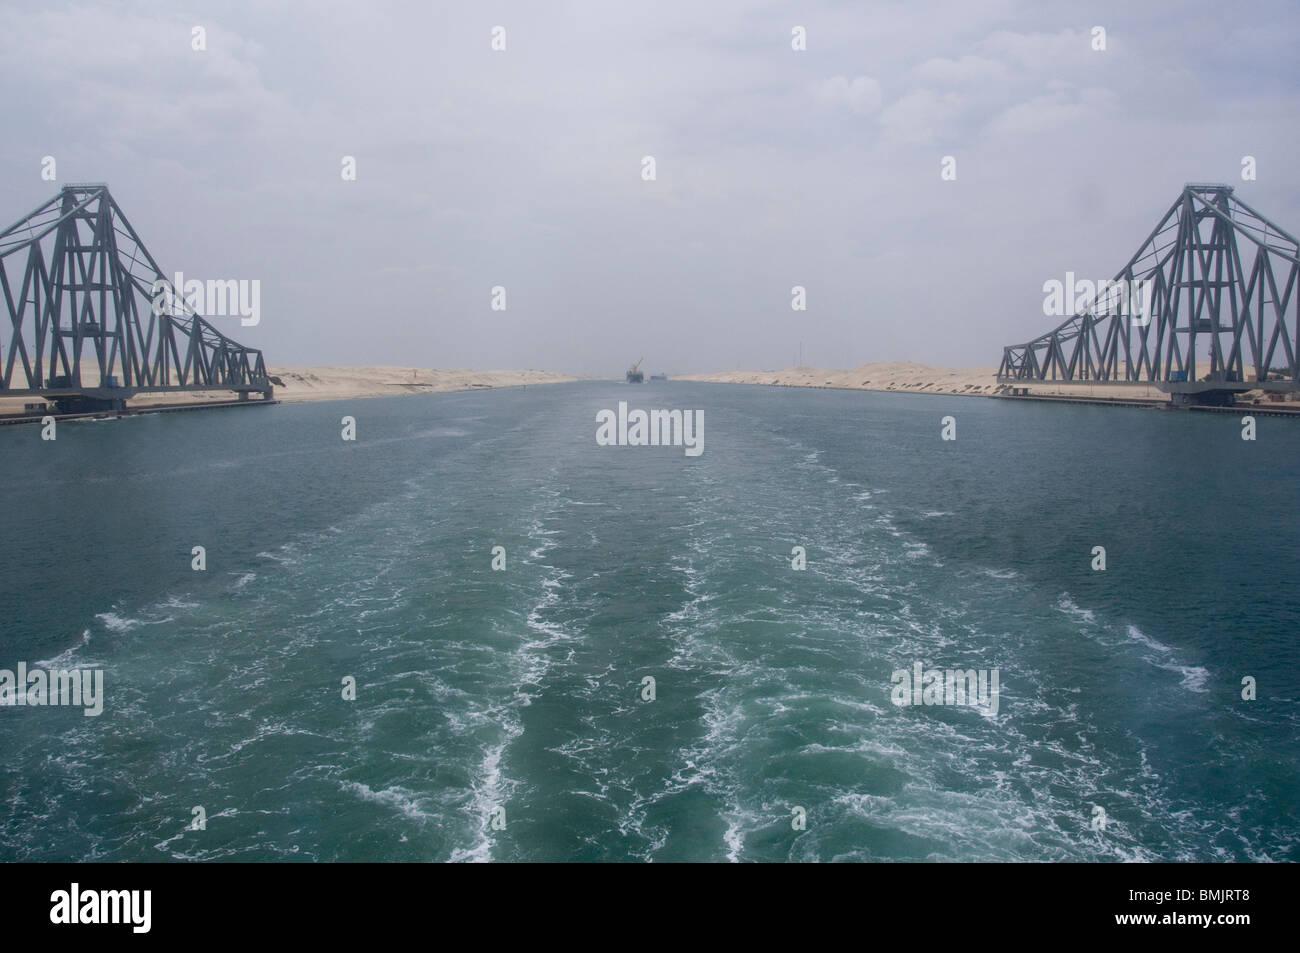 Ägypten, Suez-Kanal. Brücke zwischen Asien & Afrika, längste Hängebrücke der Welt. Stockfoto